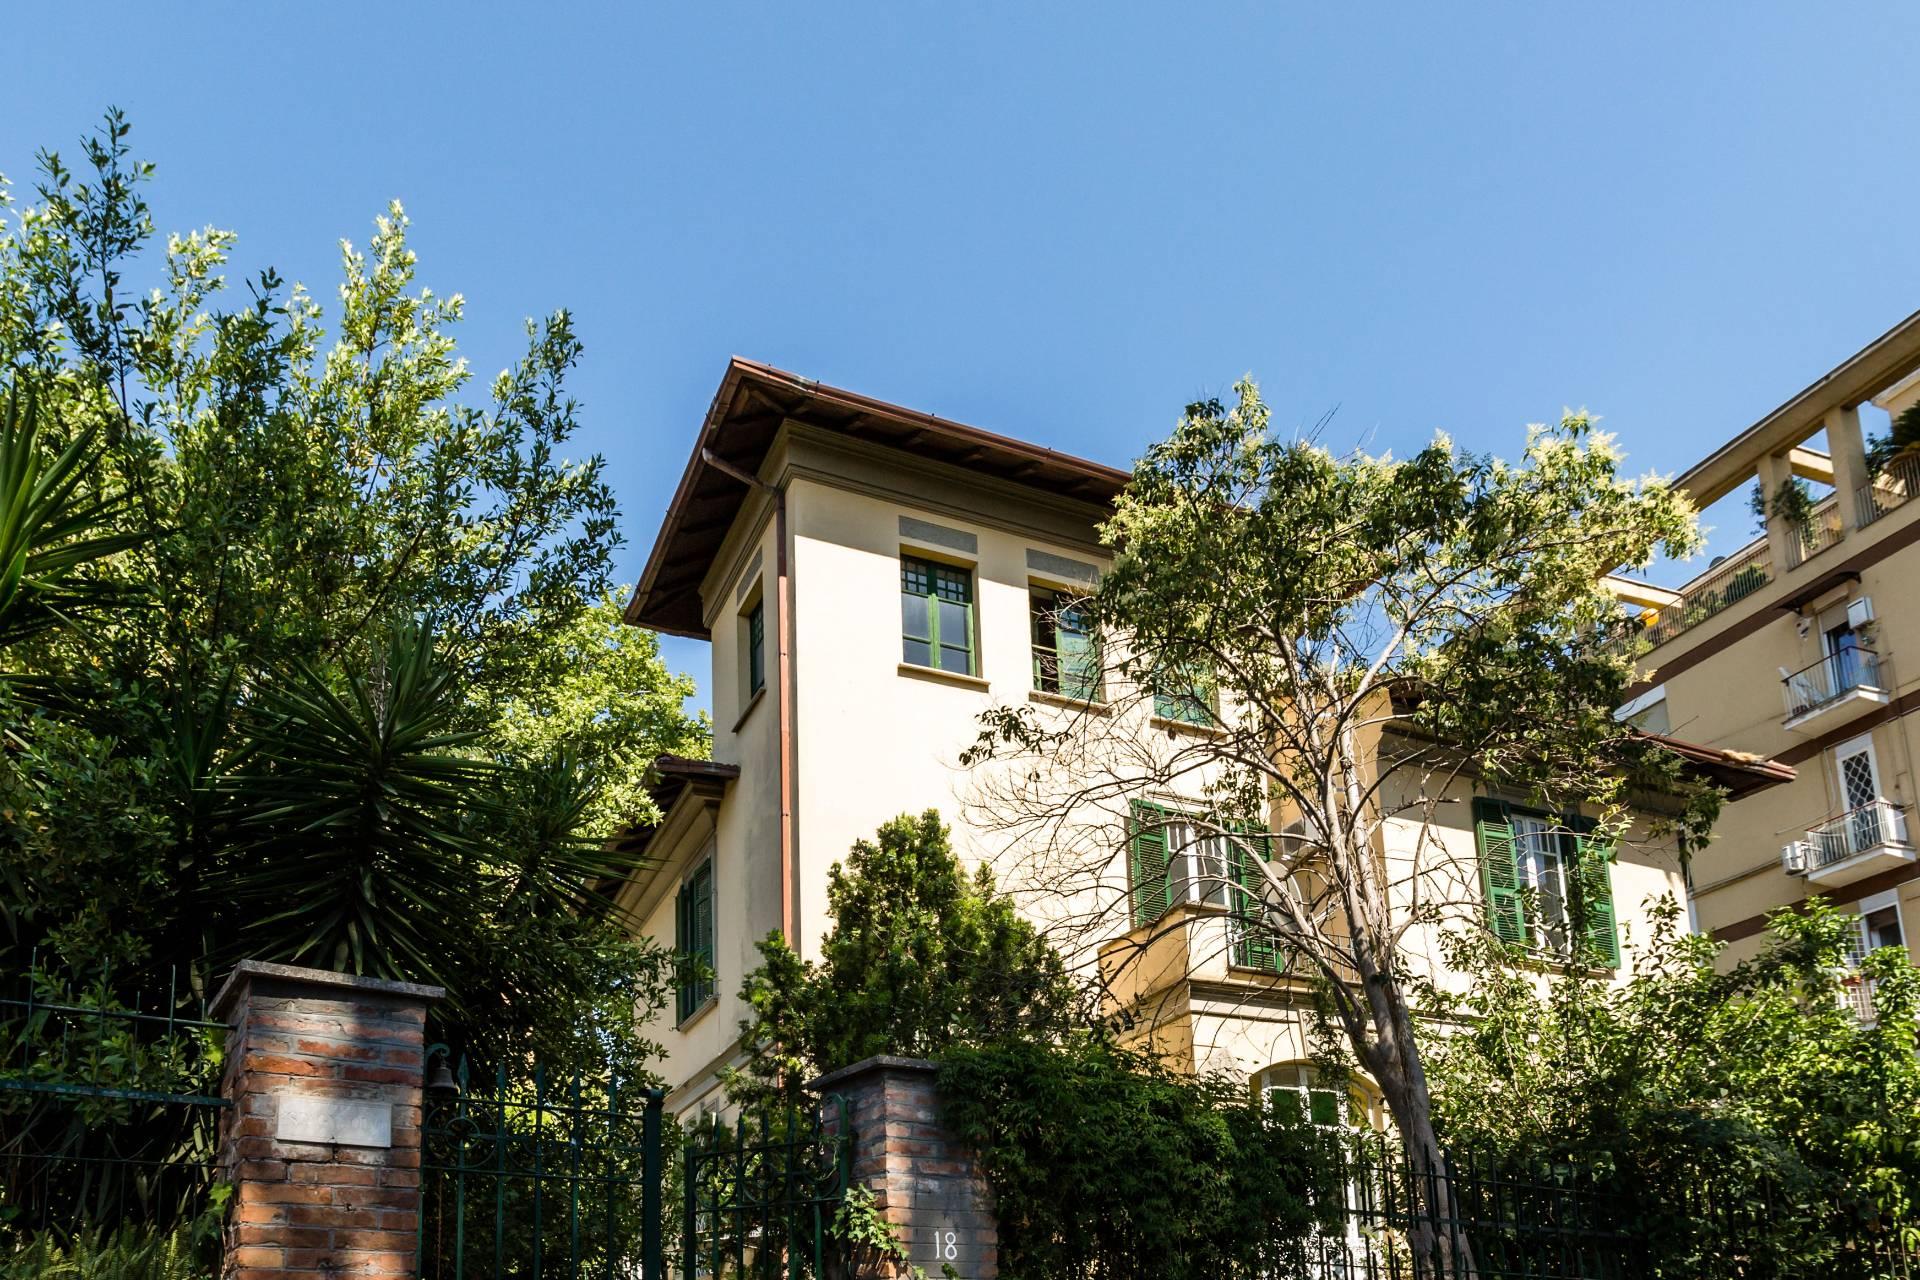 Cbi044 645 129653 casa indipendente in vendita a roma for Casa roma vendita privati